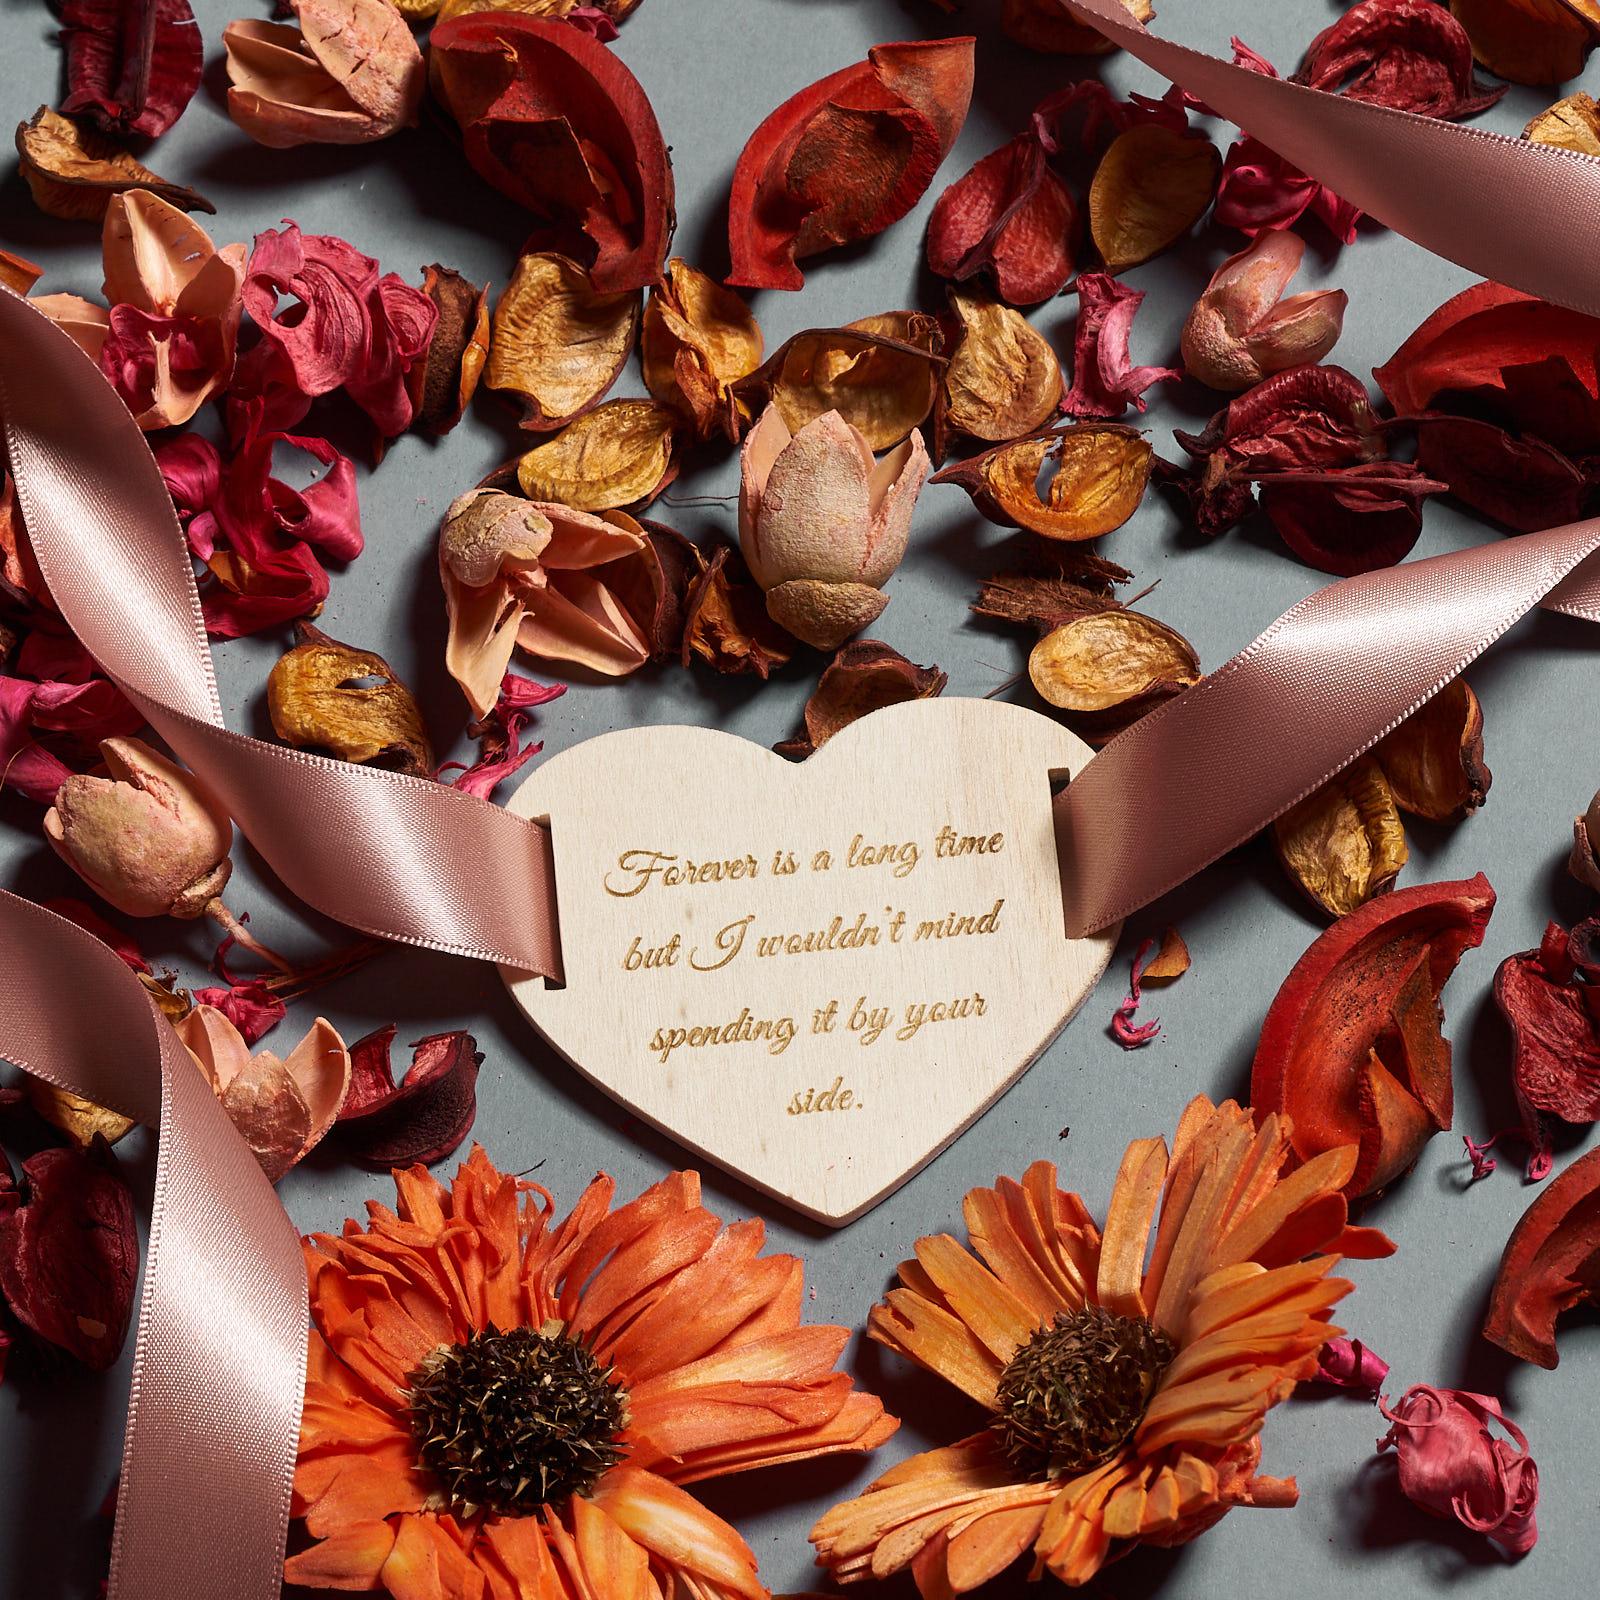 Idei de mesaje de Valentine's Day pentru femei